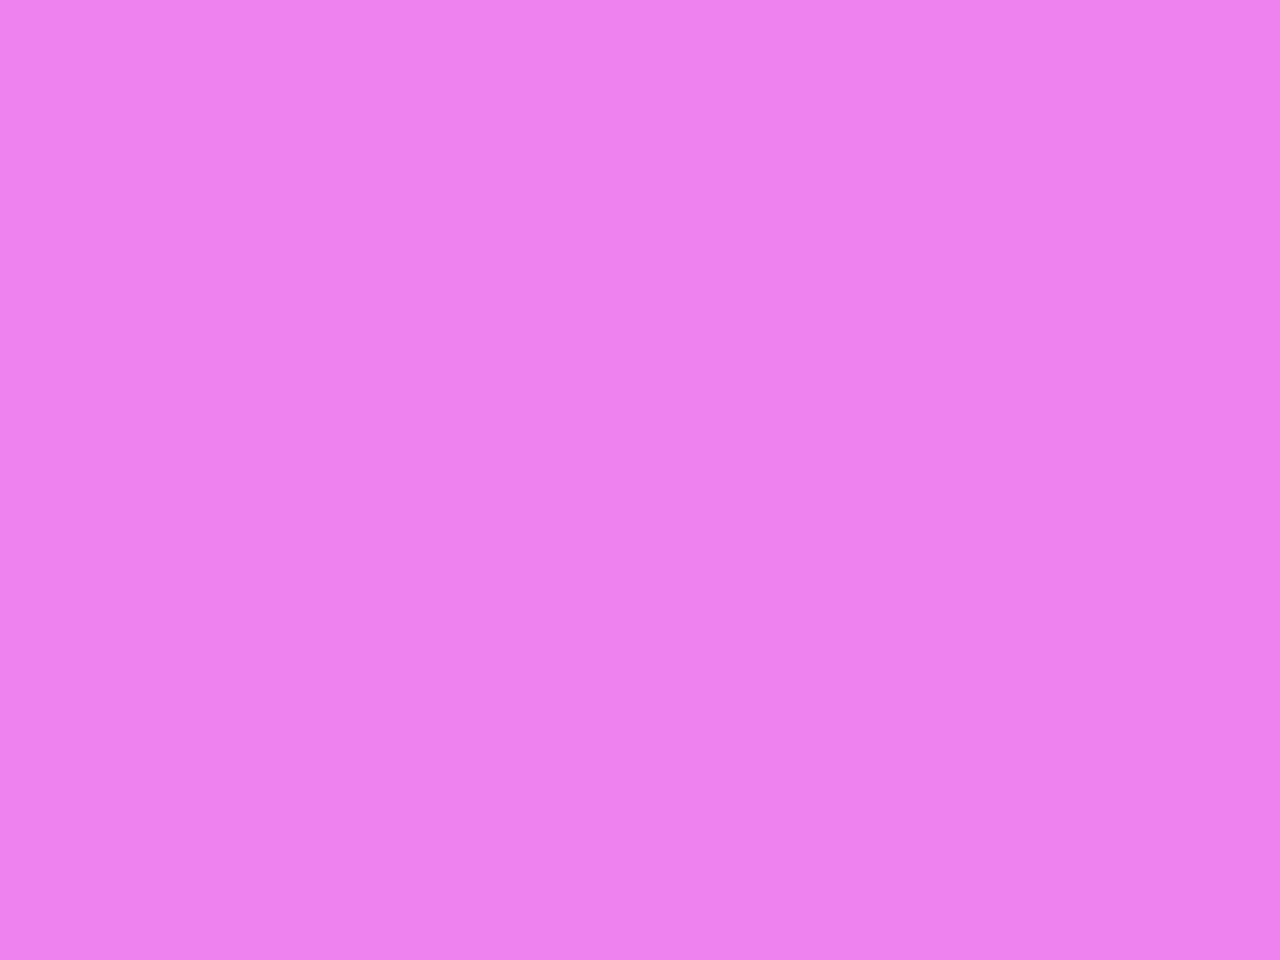 1280x960 Violet Web Solid Color Background